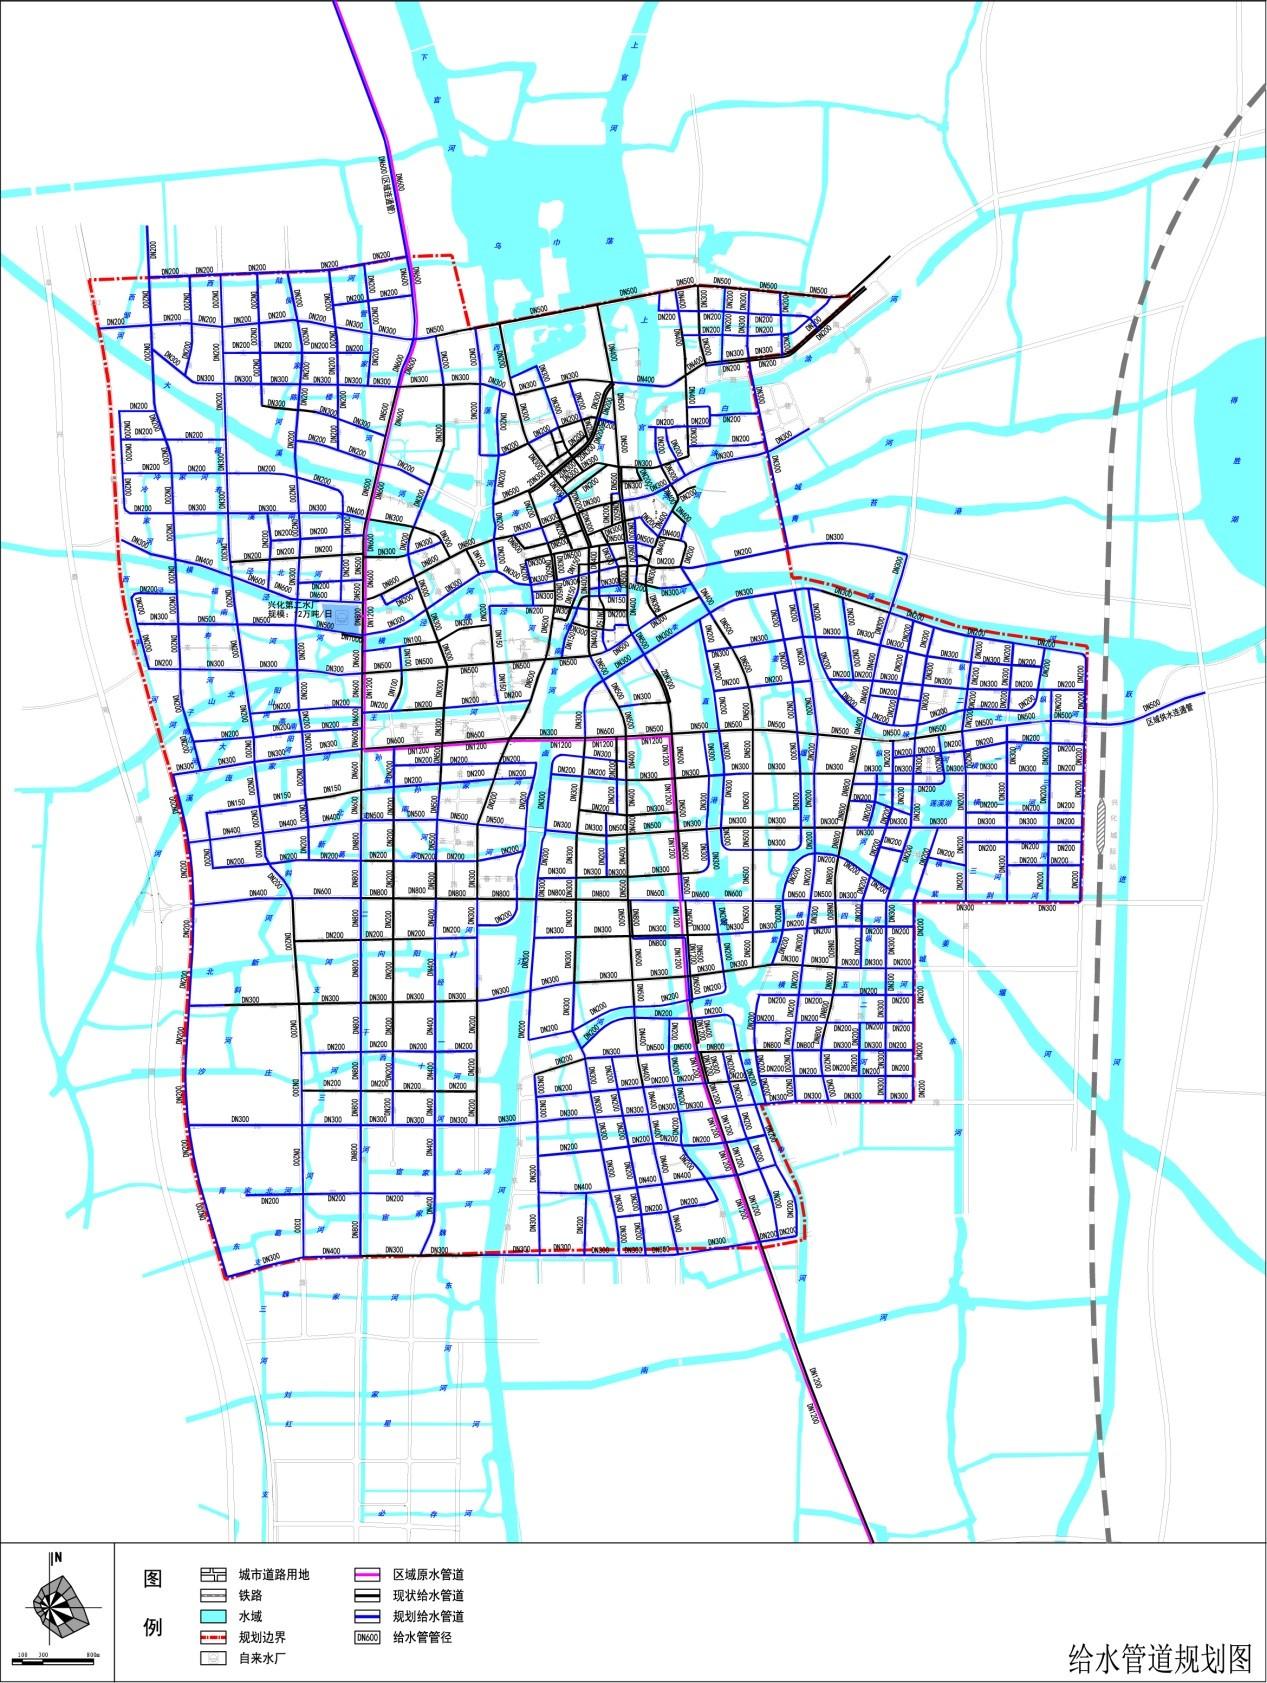 本次规划是对地下市政管线工程规划的一次有益探索,为我司在领域项目